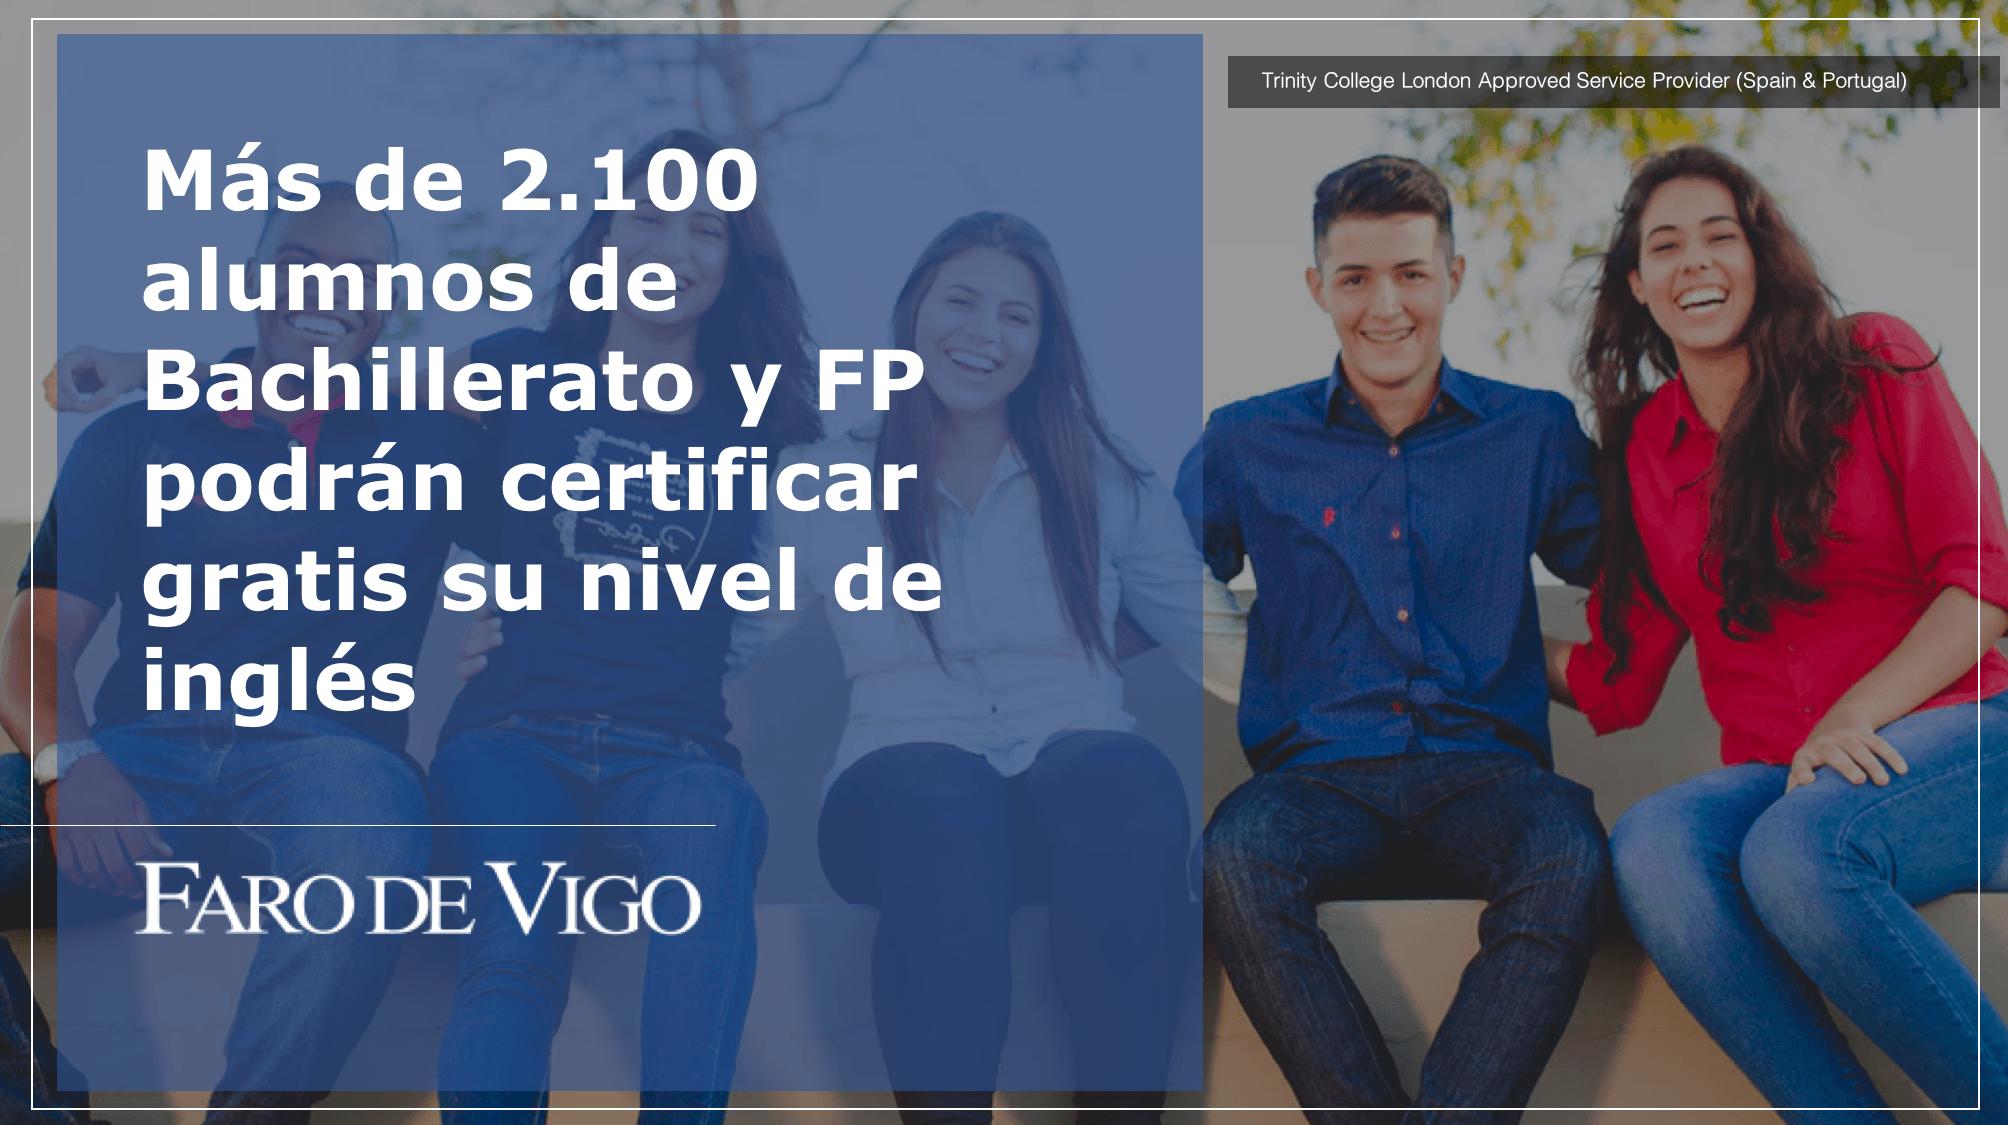 Más de 2.100 alumnos de Bachillerato y FP podrán certificar gratis su nivel de inglés